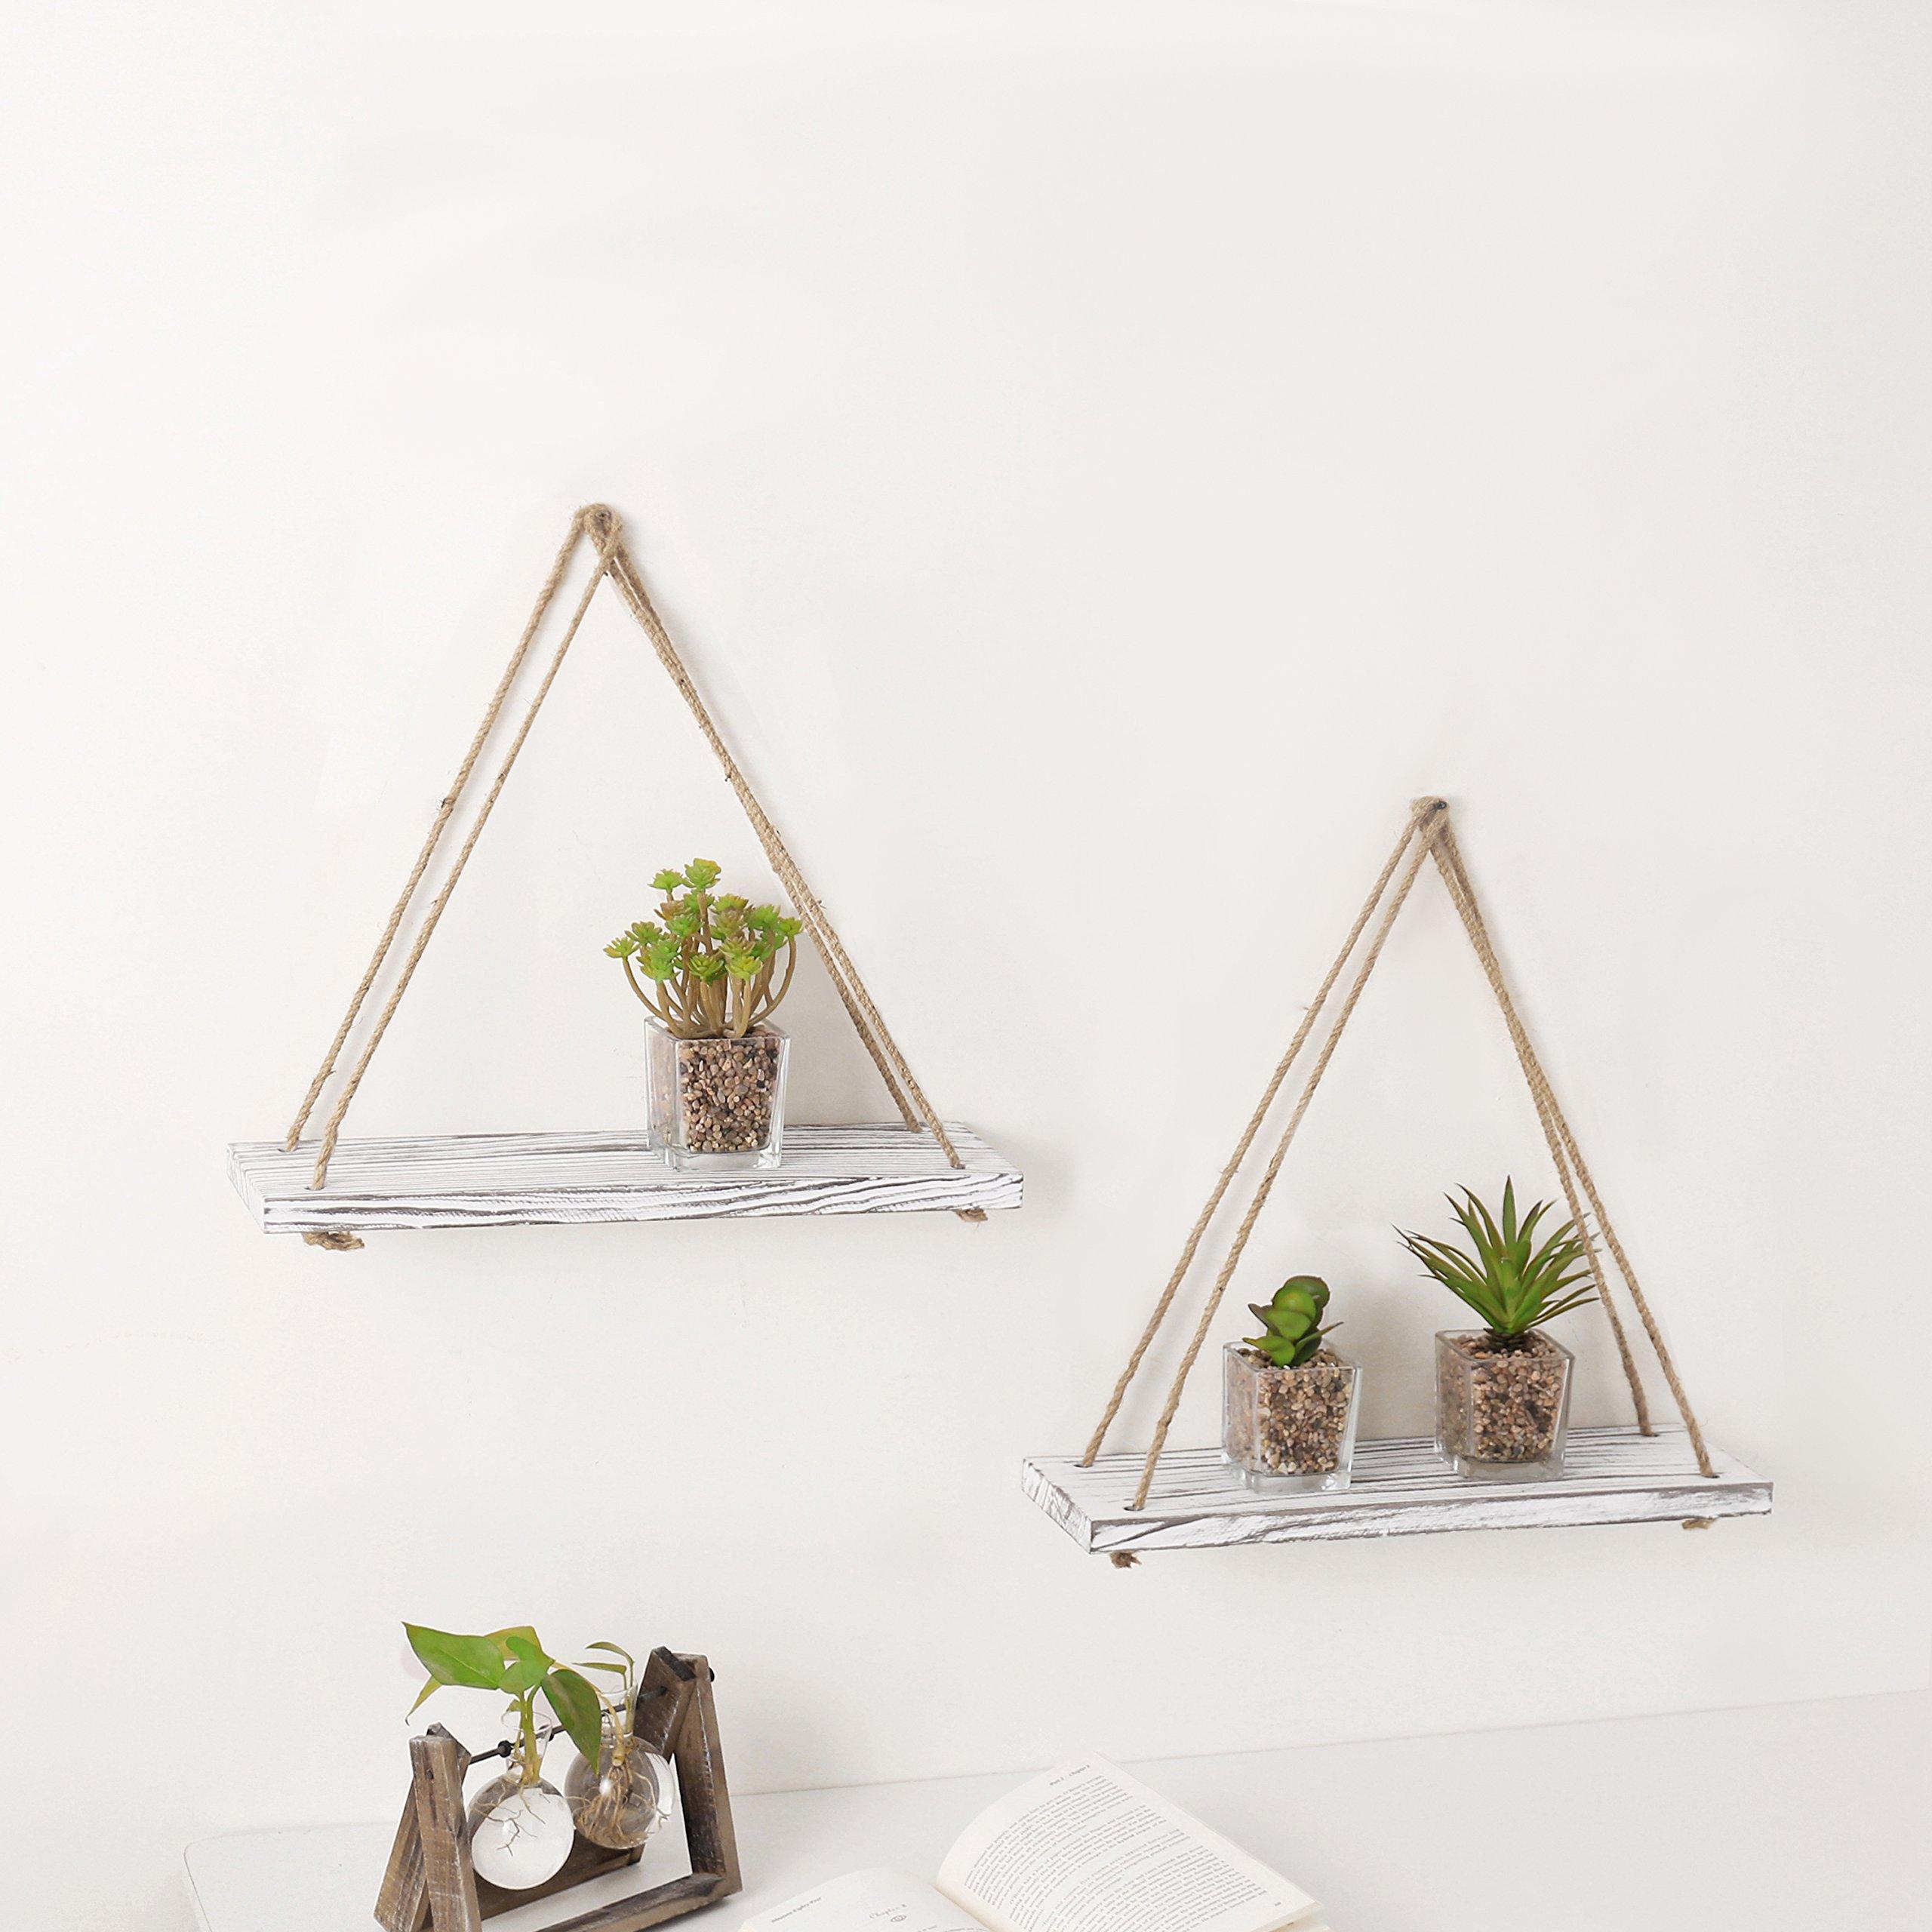 MyGift 17-inch Whitewashed Wood Hanging Rope Swing Shelves, Set of 2 by MyGift (Image #3)